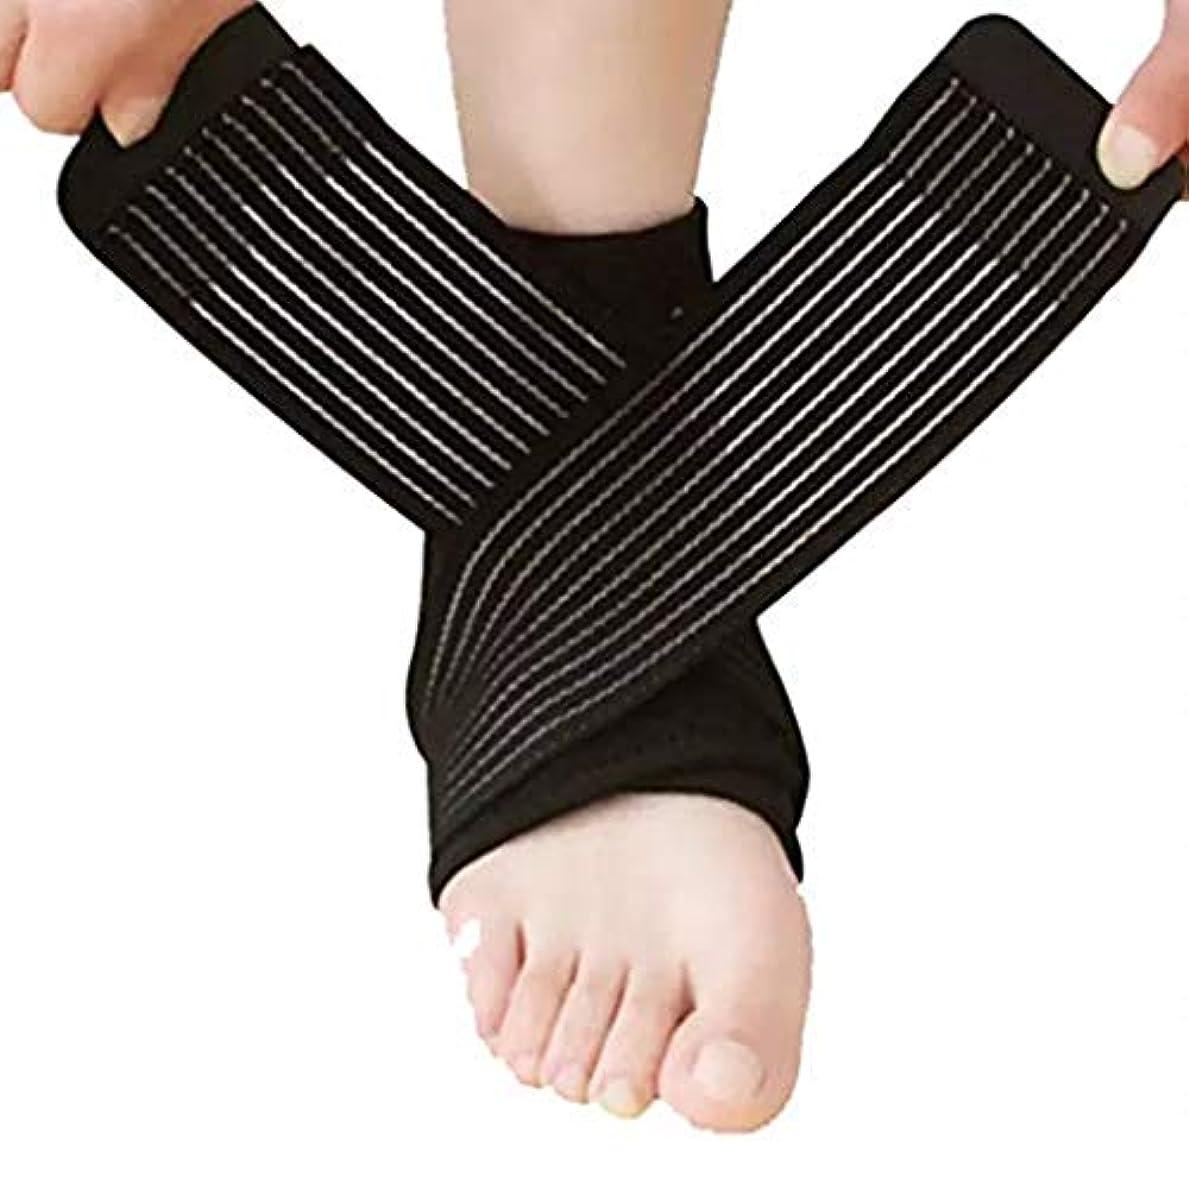 ミケランジェロ引くガジュマル足首サポート調節可能な足首ブレース通気性のあるナイロン素材伸縮性があり快適な1サイズスポーツに最適慢性的な足首の捻Sp疲労からの保護